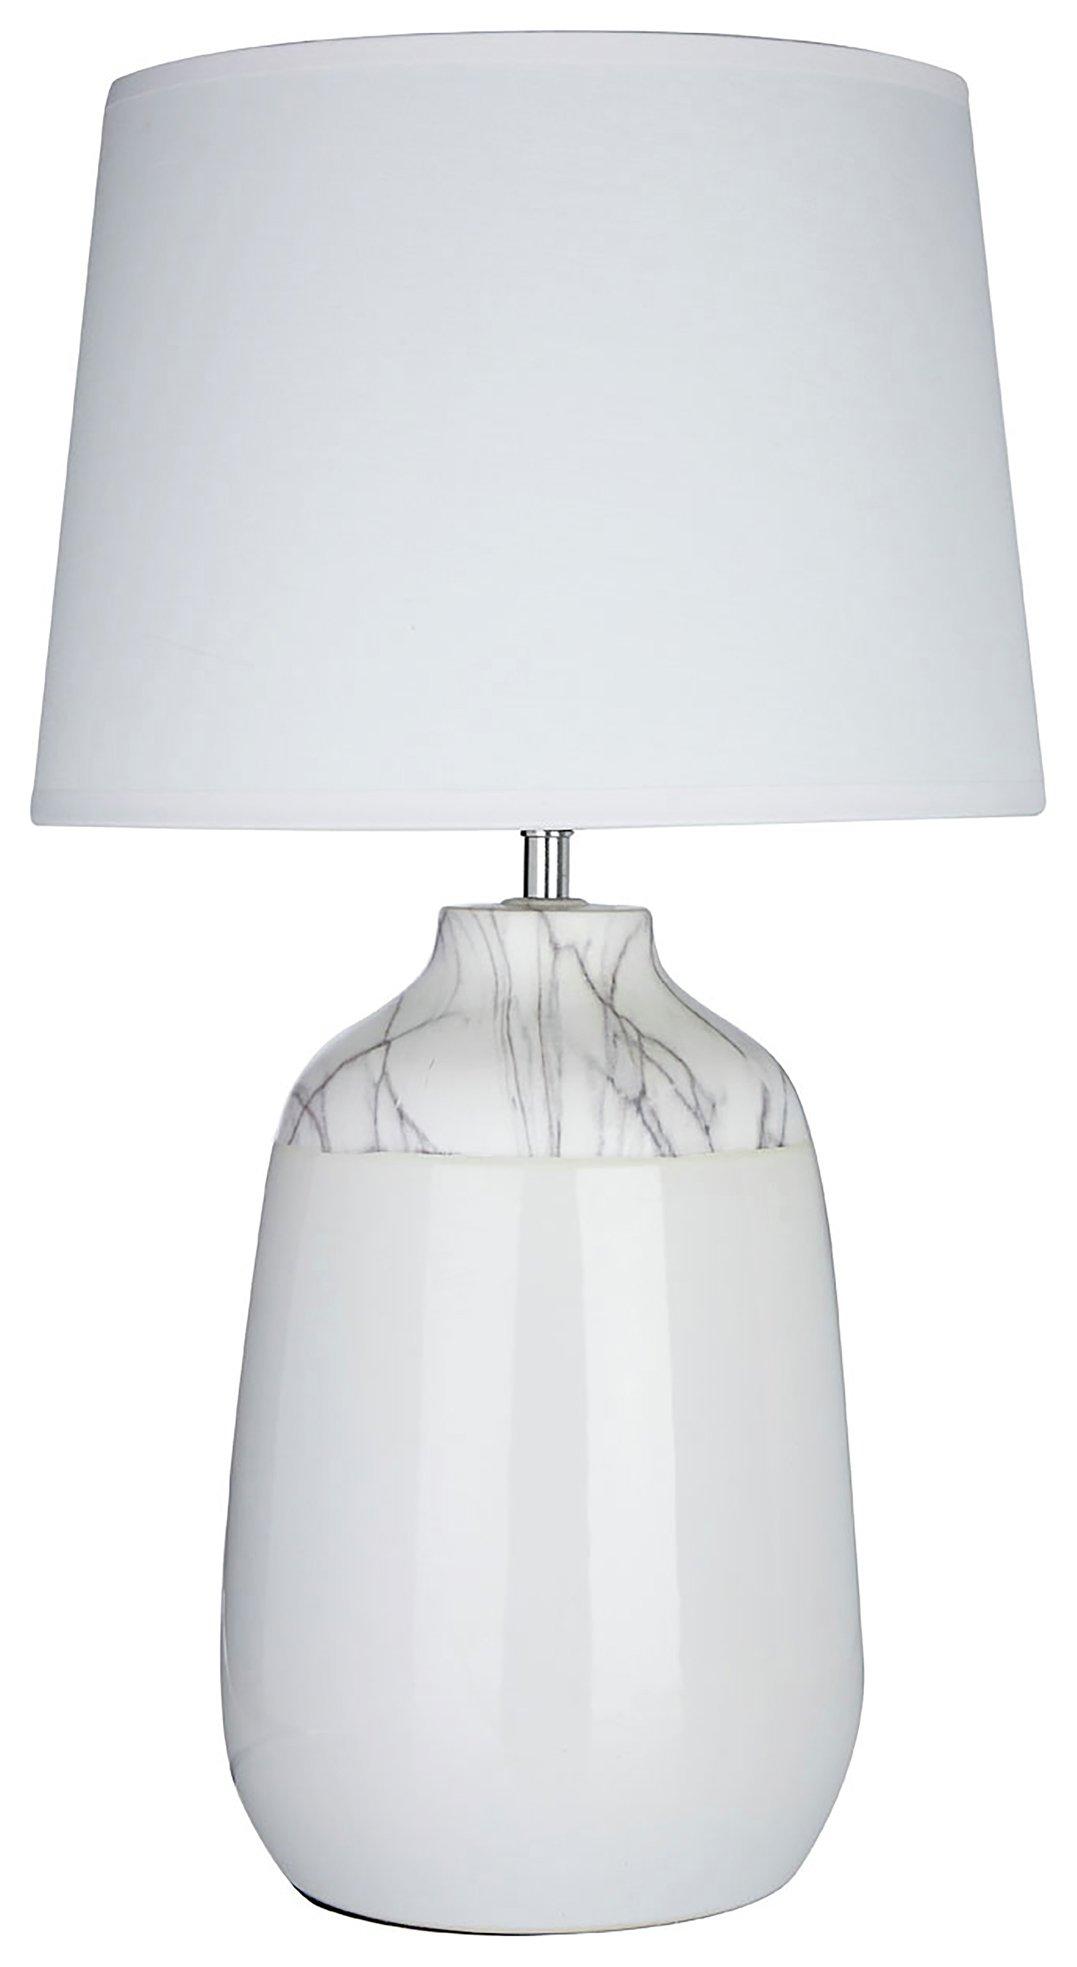 Image of Wenita - Ceramic - Table Lamp - White